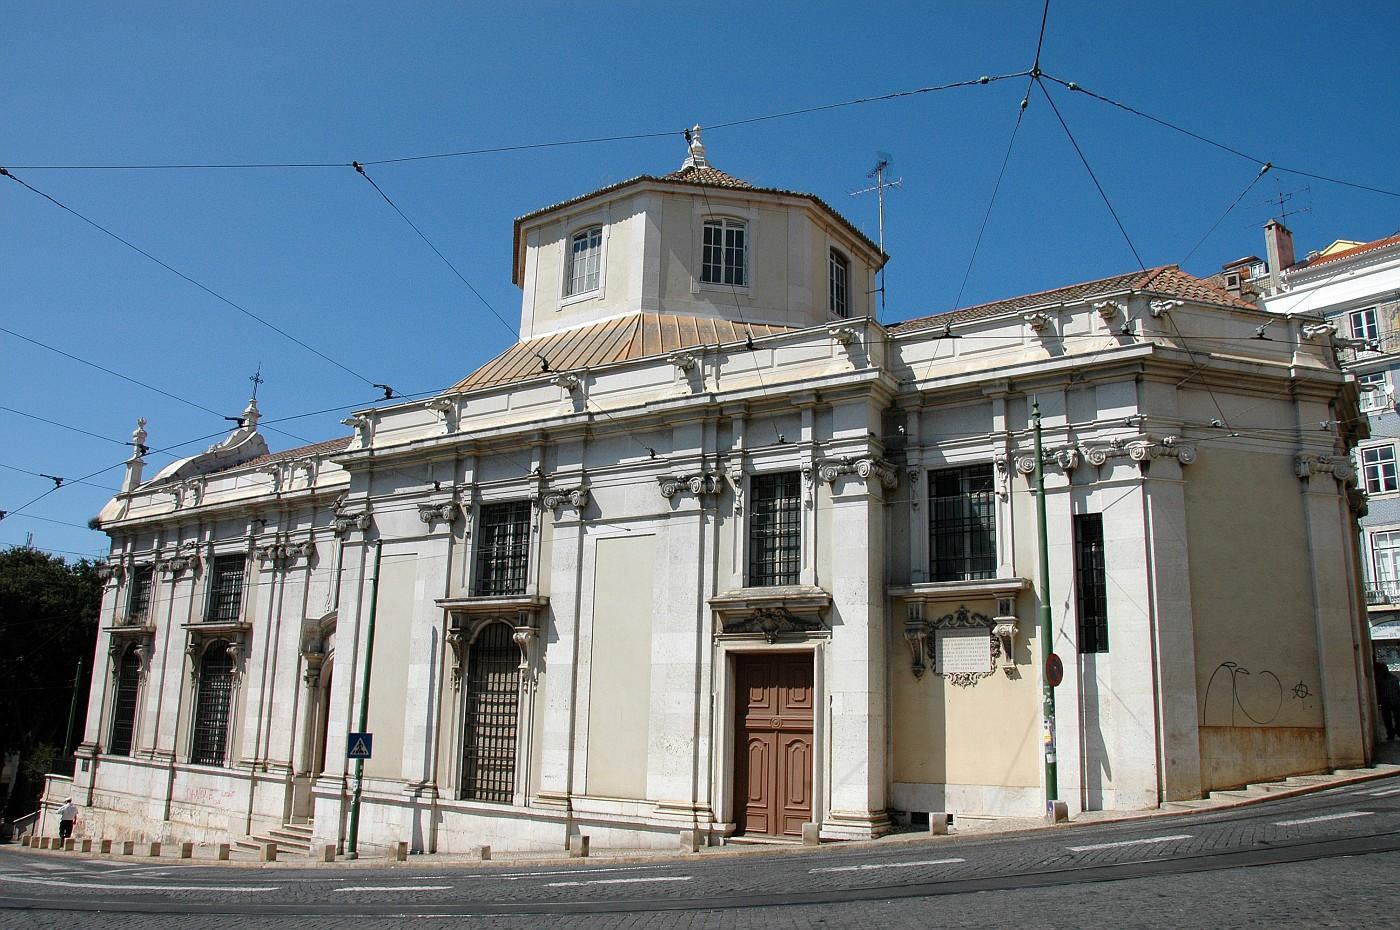 035 Lisbon 8 19